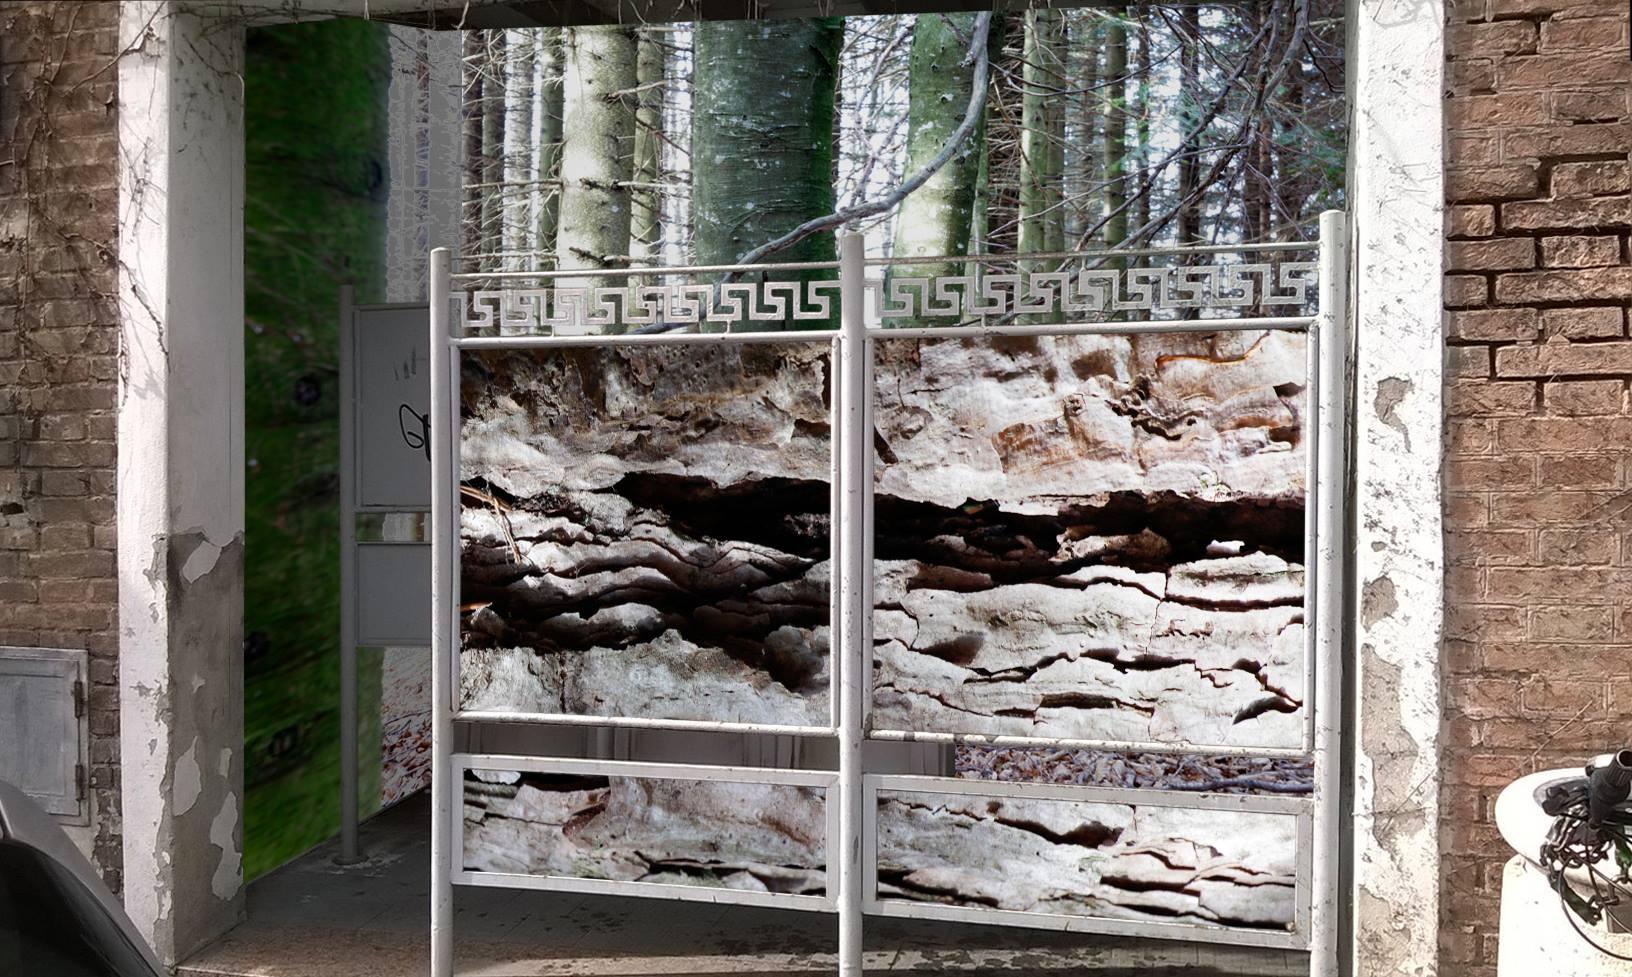 IL RICHIAMO DELLA NATURA, installazione fotografica di Giulio Crosara, Circuito Off Fotografia Europea Vespasiano dei Chiostri di S. Domenico, via Dante Alighieri